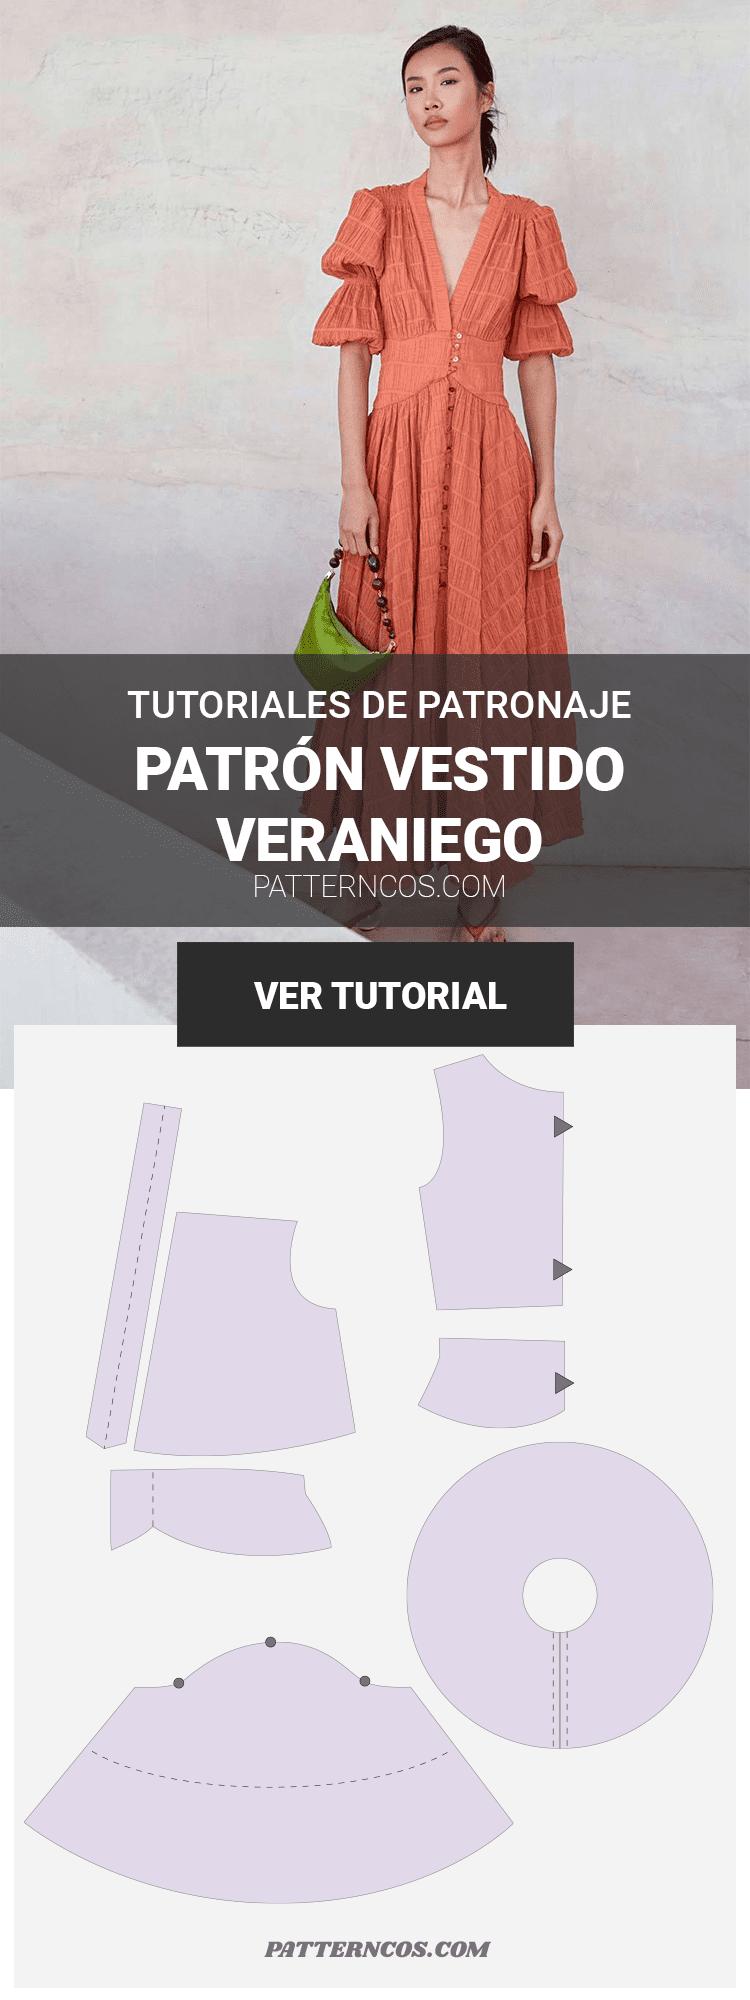 Tutorial_patron_3_vestidos_de_verano_instagram_1